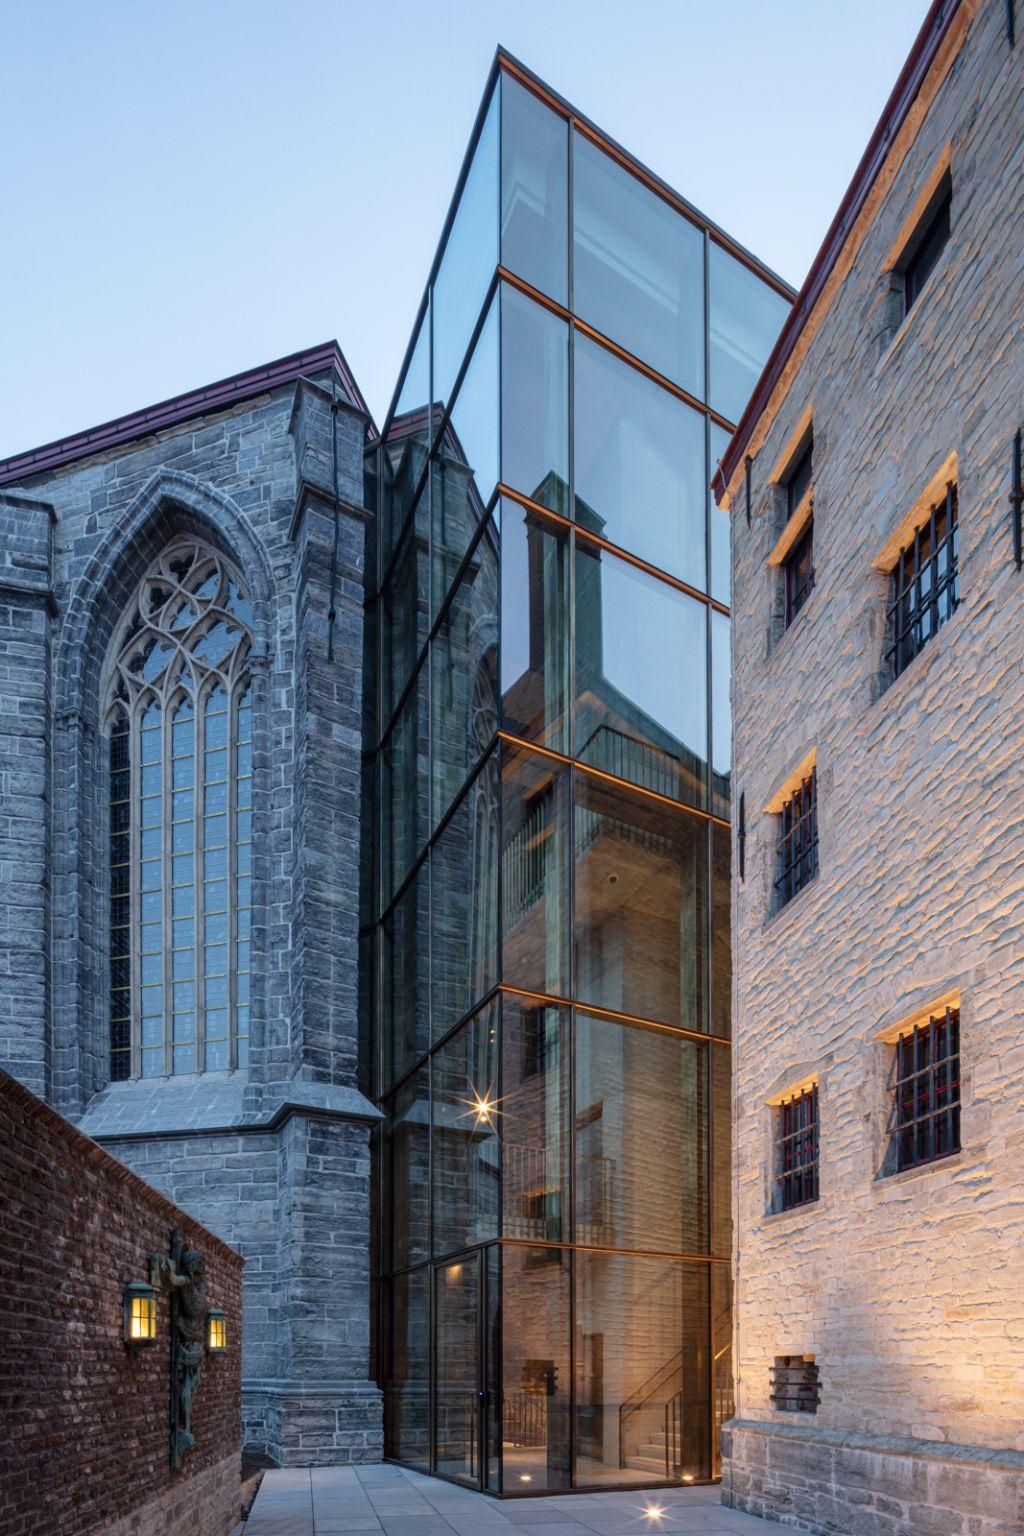 Nieuw bezoekerscentrum versterkt beleving Gentse Sint-Baafskathedraal en pronkstuk Lam Gods (Bressers Erfgoed)